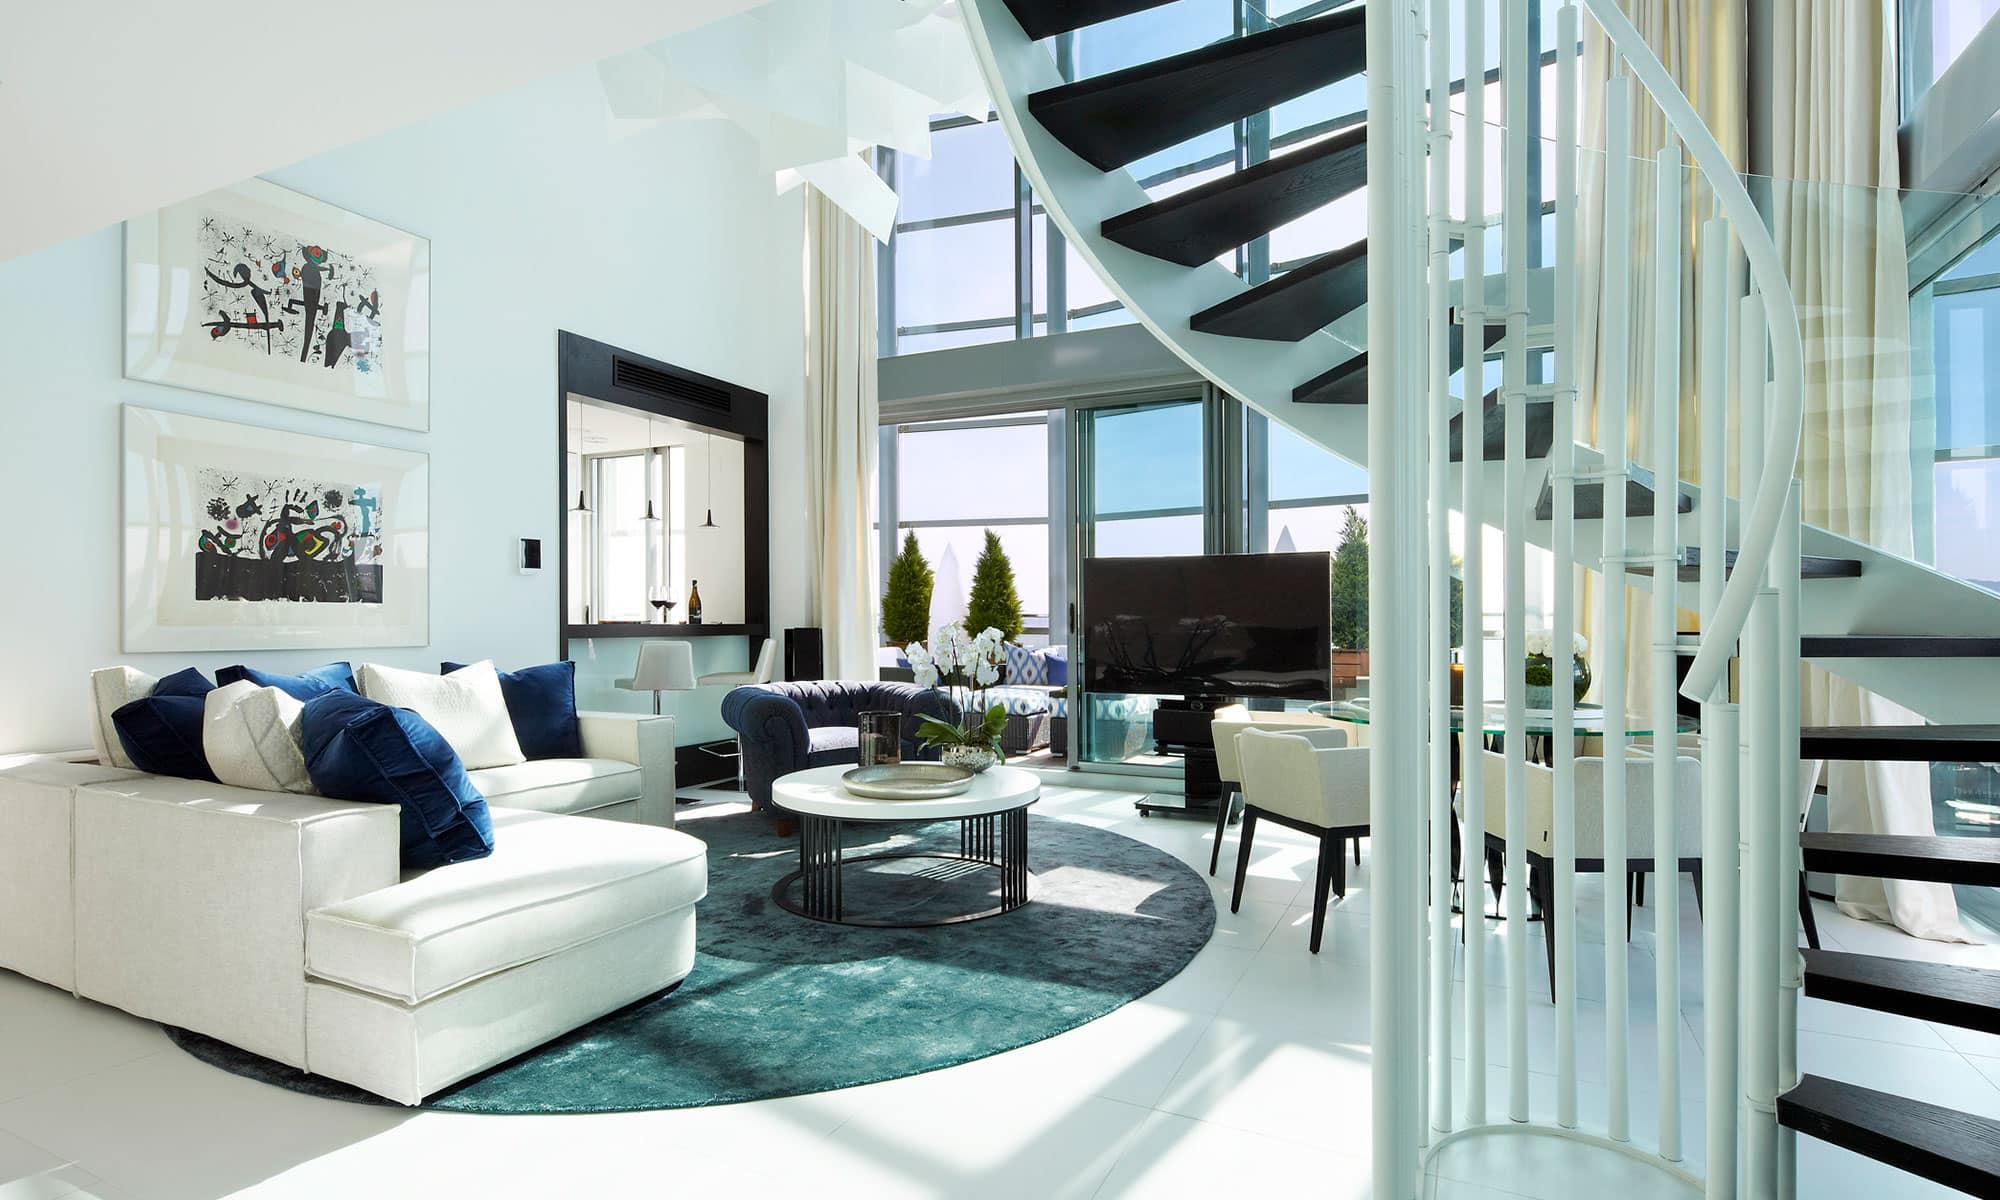 Interiores de casas de lujo, mobiliario de lujo, decoración de apartamentos de lujo